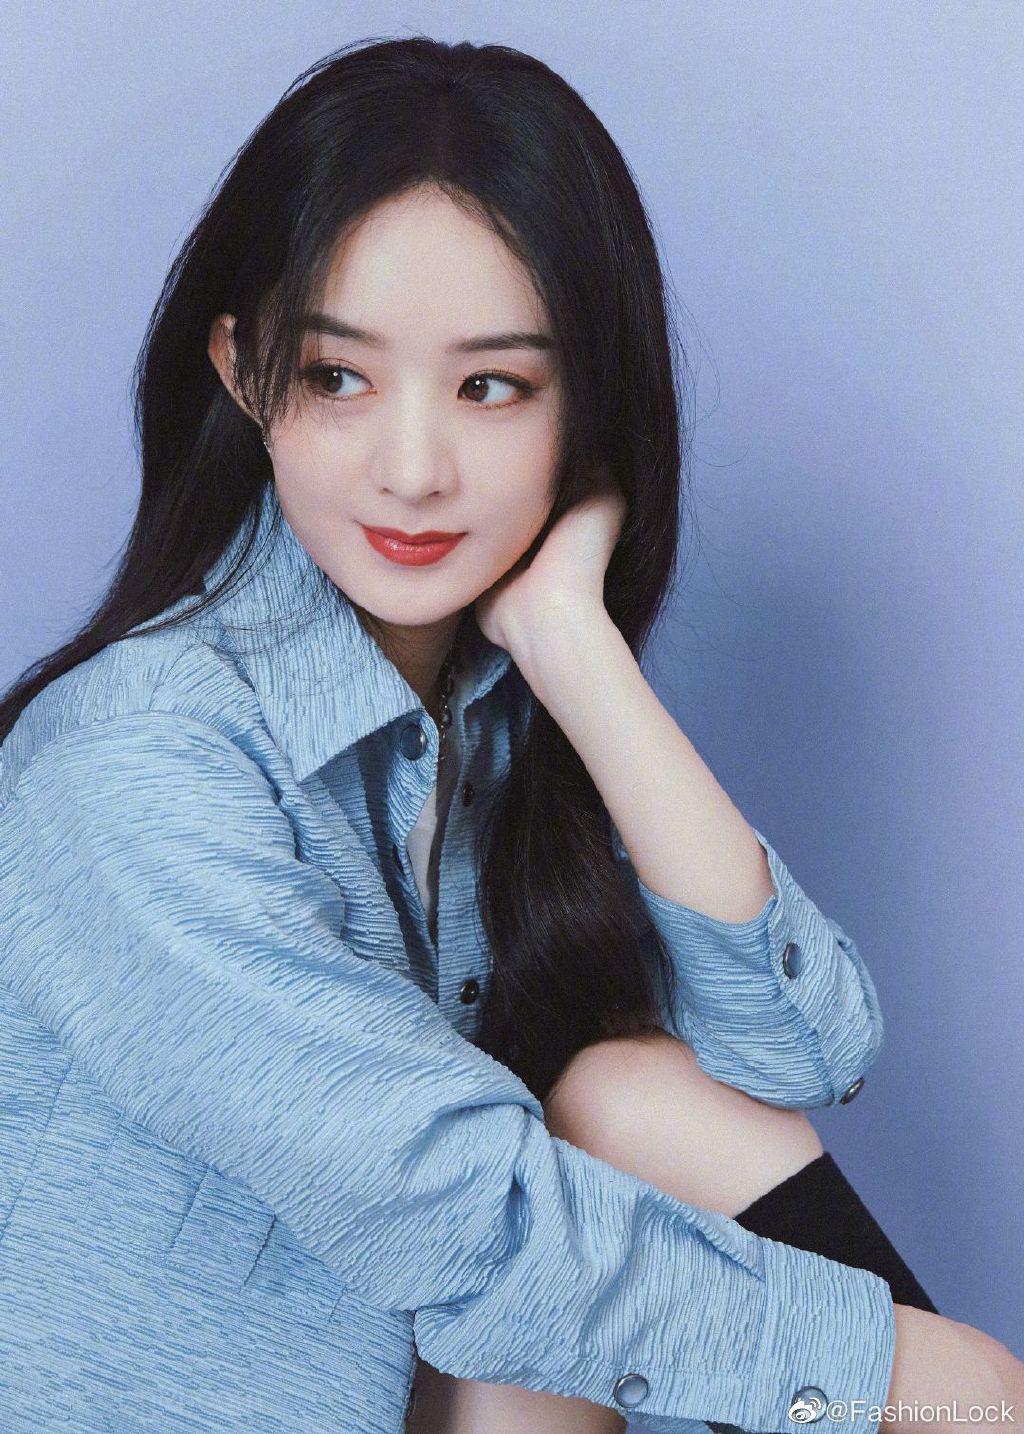 赵丽颖温柔淡雅水蓝色衬衫穿搭时尚写真图片